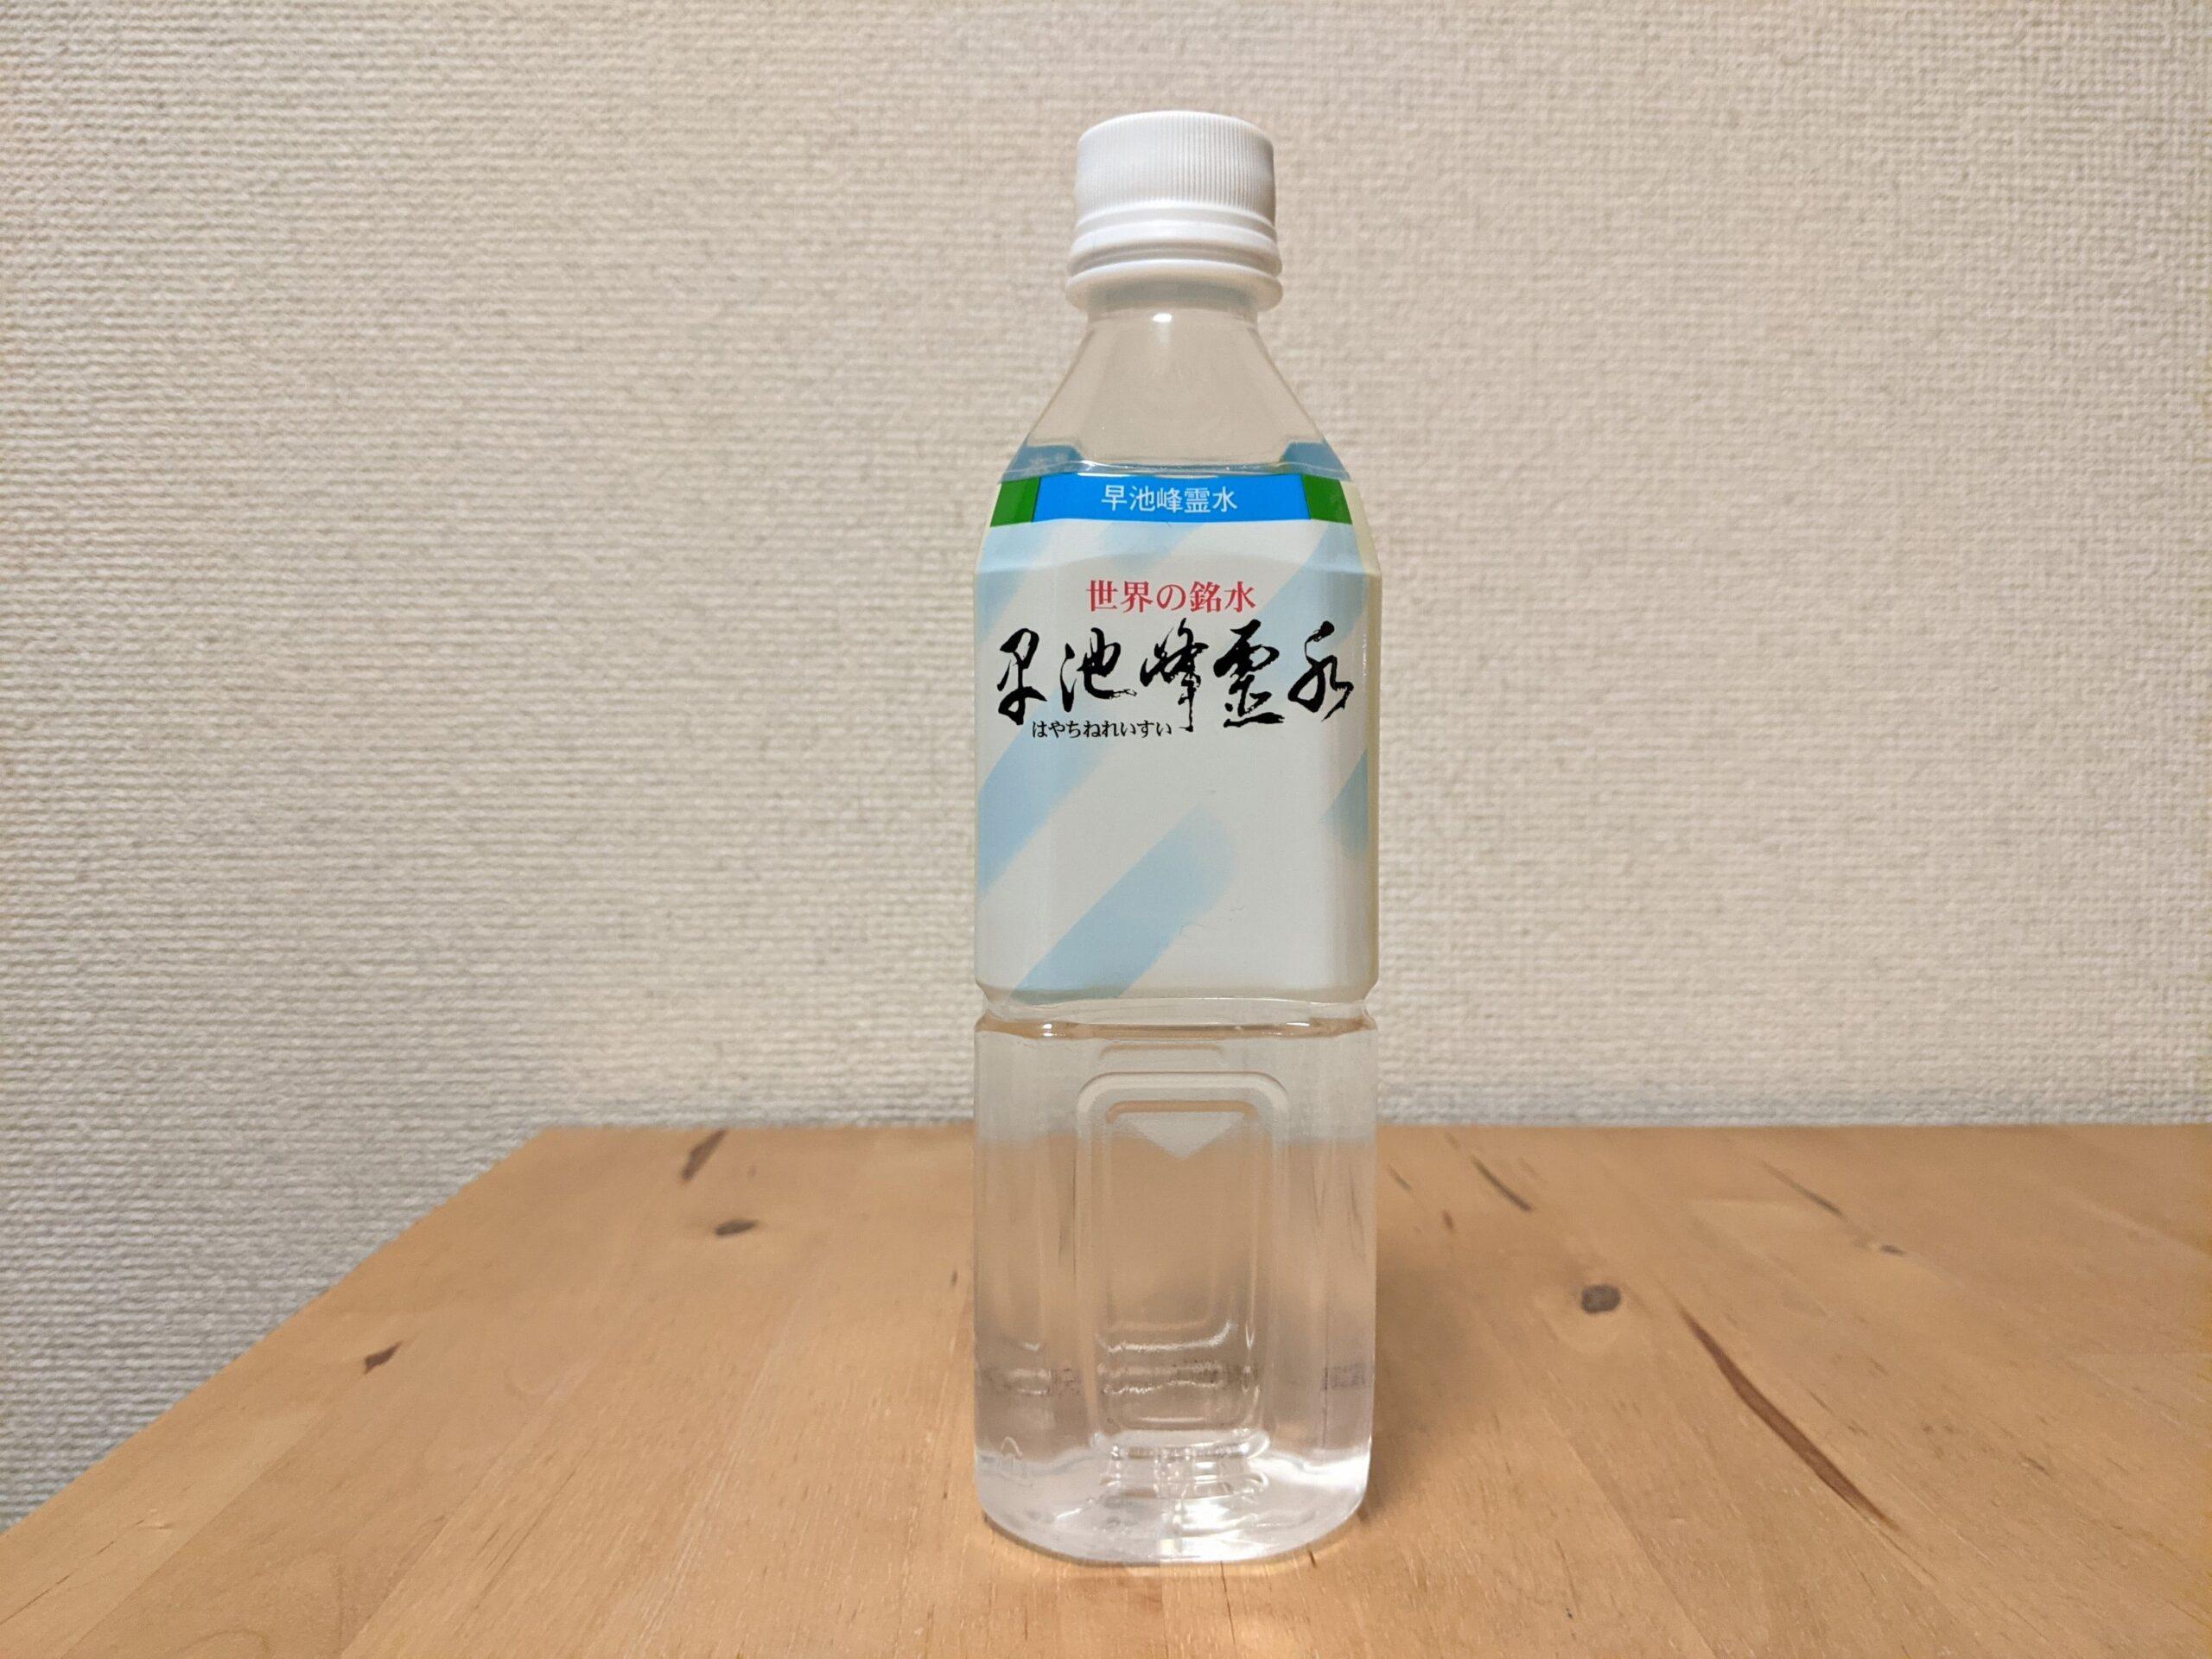 佐々長醸造 ミネラルウォーター 花巻市 mineralwater